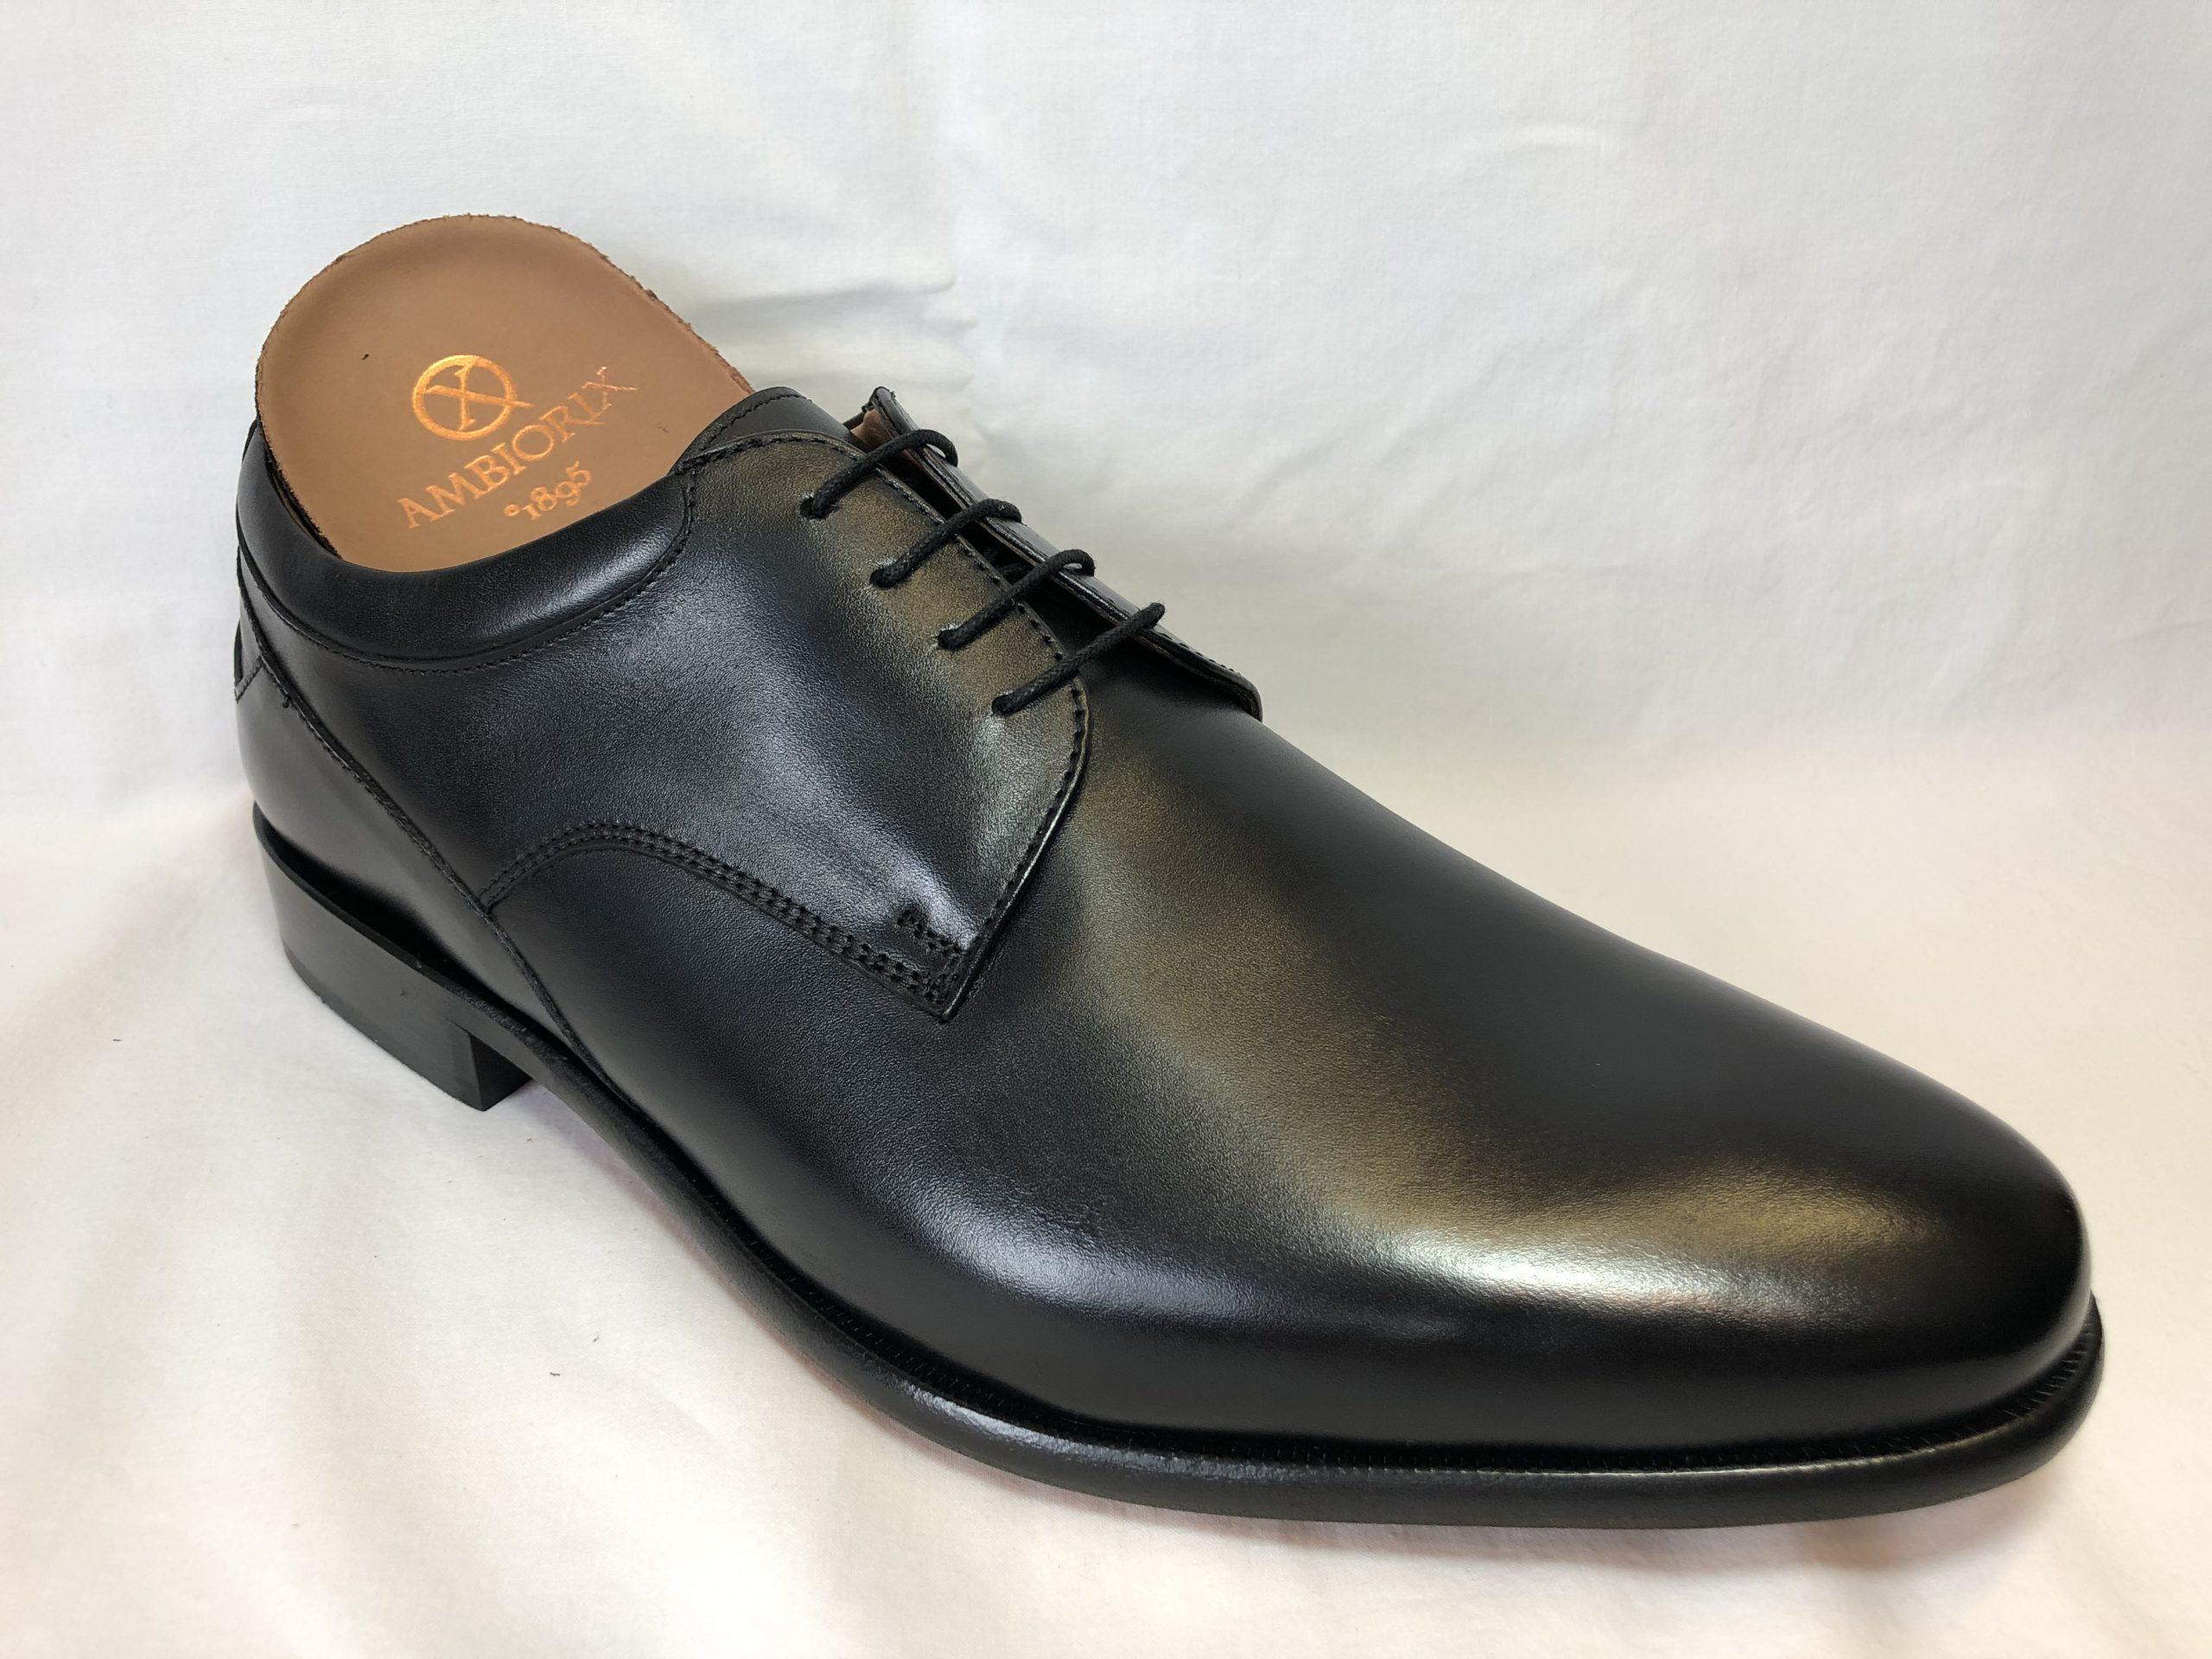 Magasin de chaussures orthopédiques à Jodoigne - Ambiorix